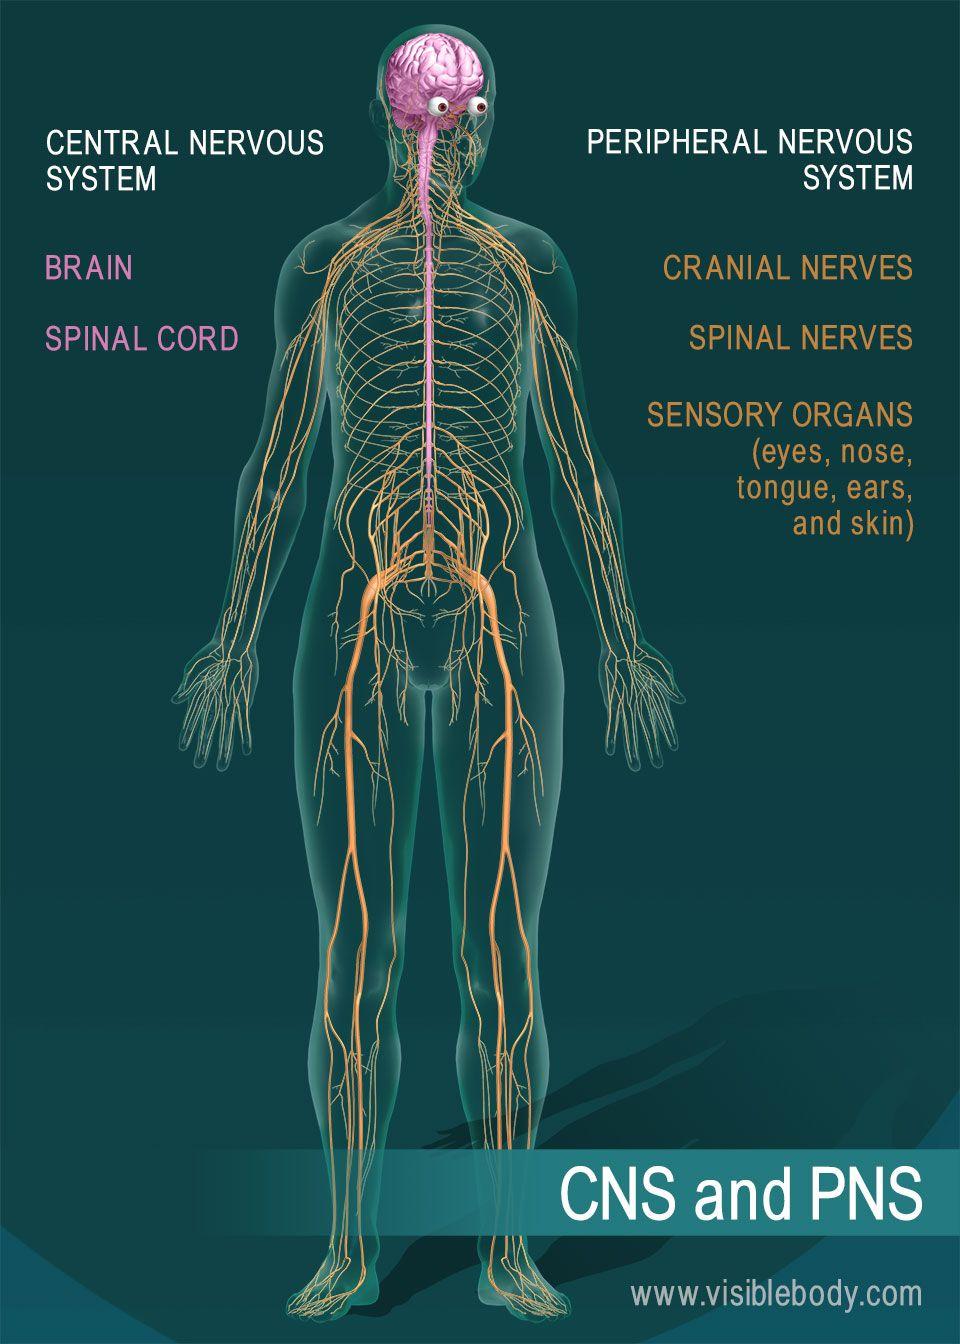 Nervous System Overview Central Nervous System Nervous System Nervous System Diagram